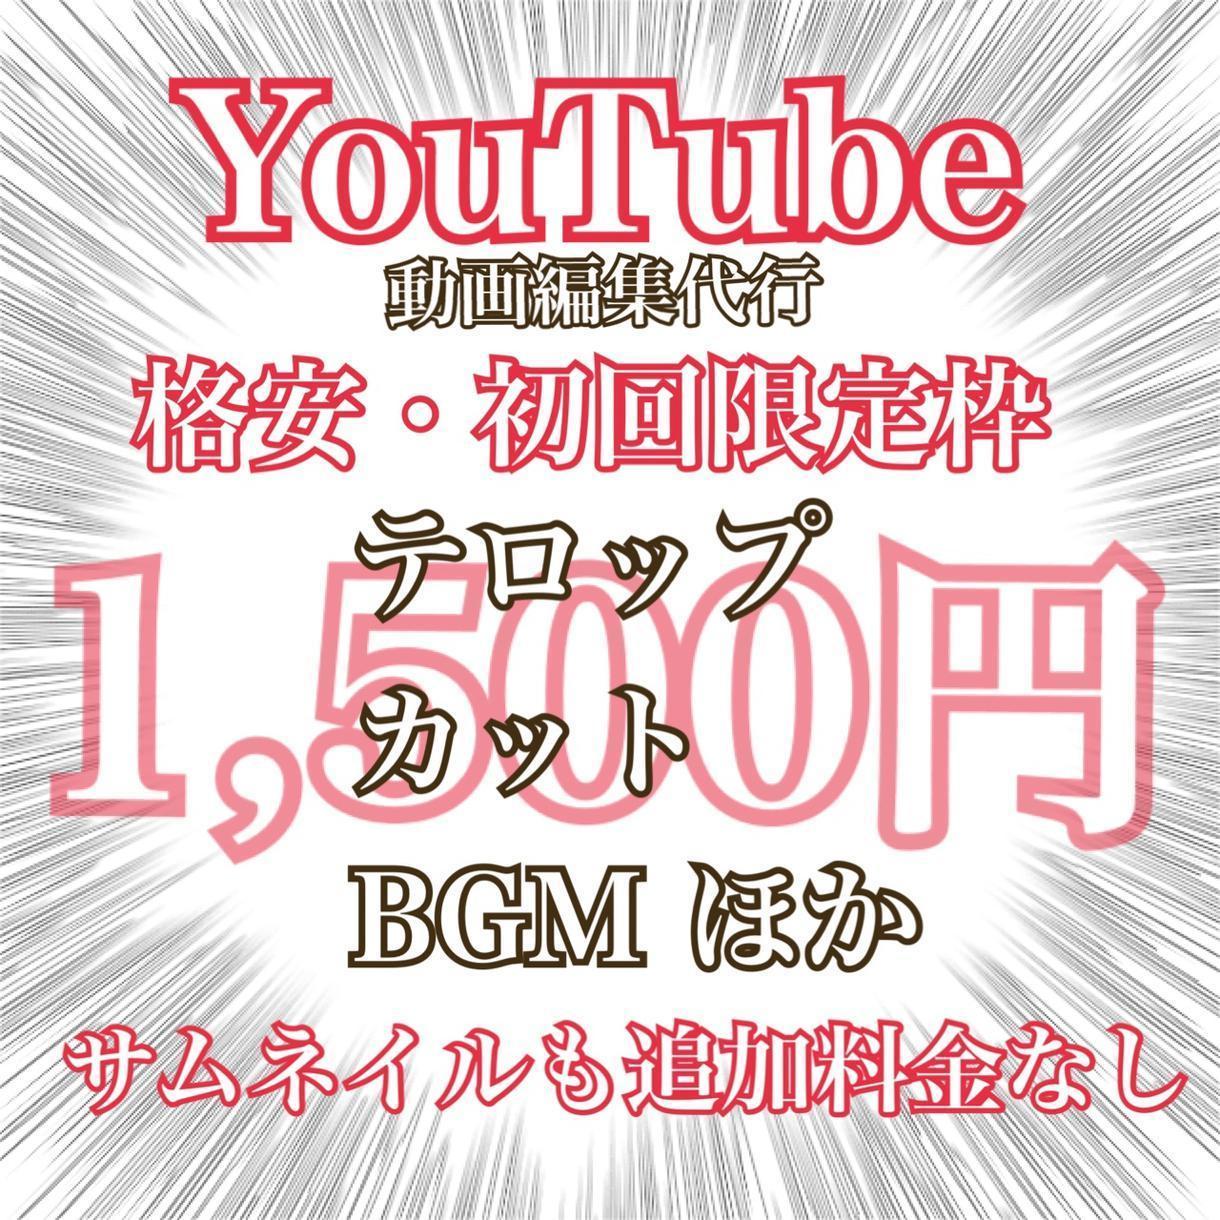 YouTubeやPR、SNS用の動画編集を承ります 迅速かつ丁寧に心を込めてサービスを提供出来ます! イメージ1